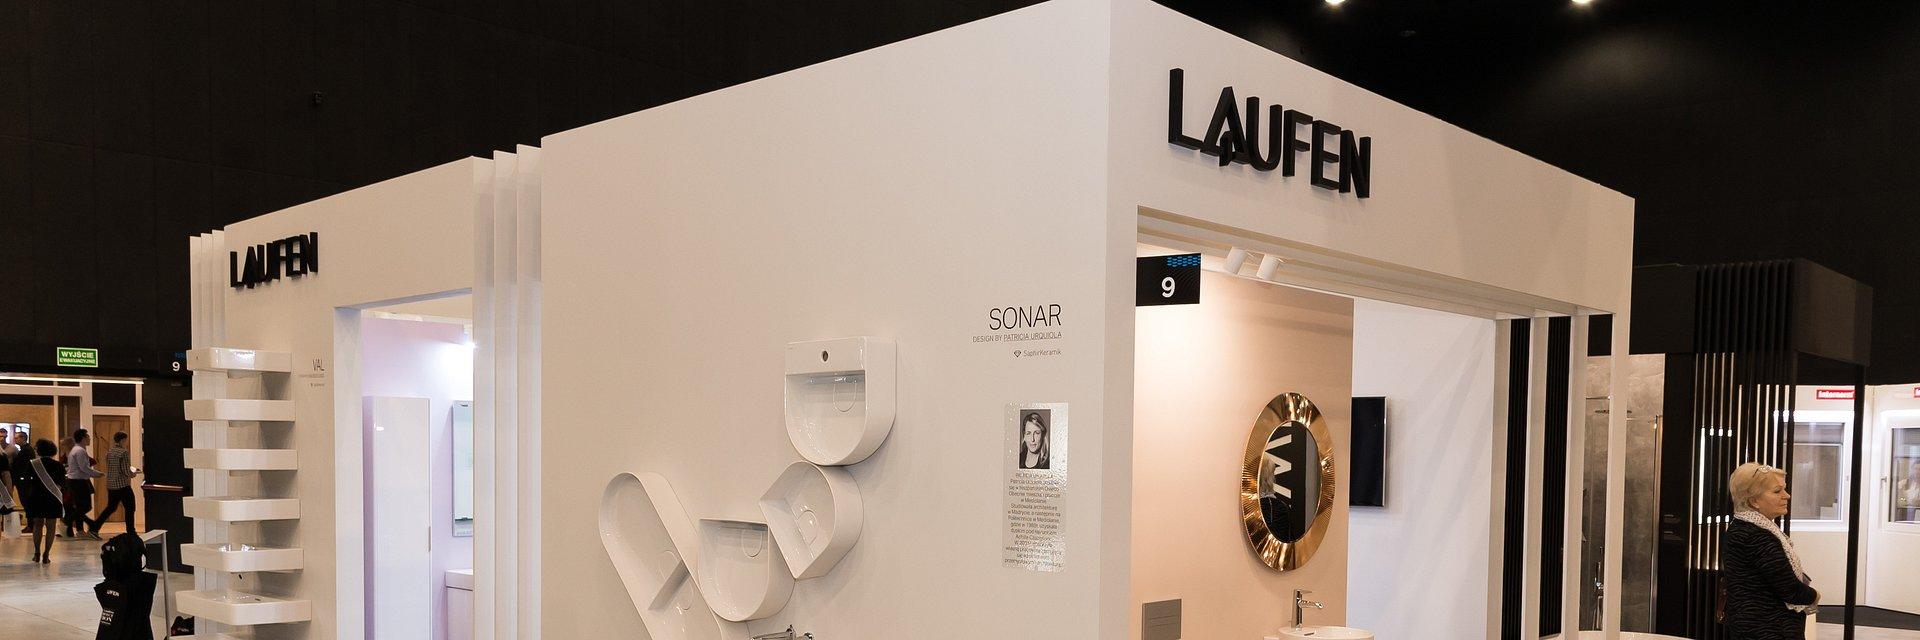 Nowości LAUFEN prezentowane na targach 4 DESIGN DAYS 2019. Dzieła marki Laufen stworzone we współpracy z najlepszymi biurami projektowymi.